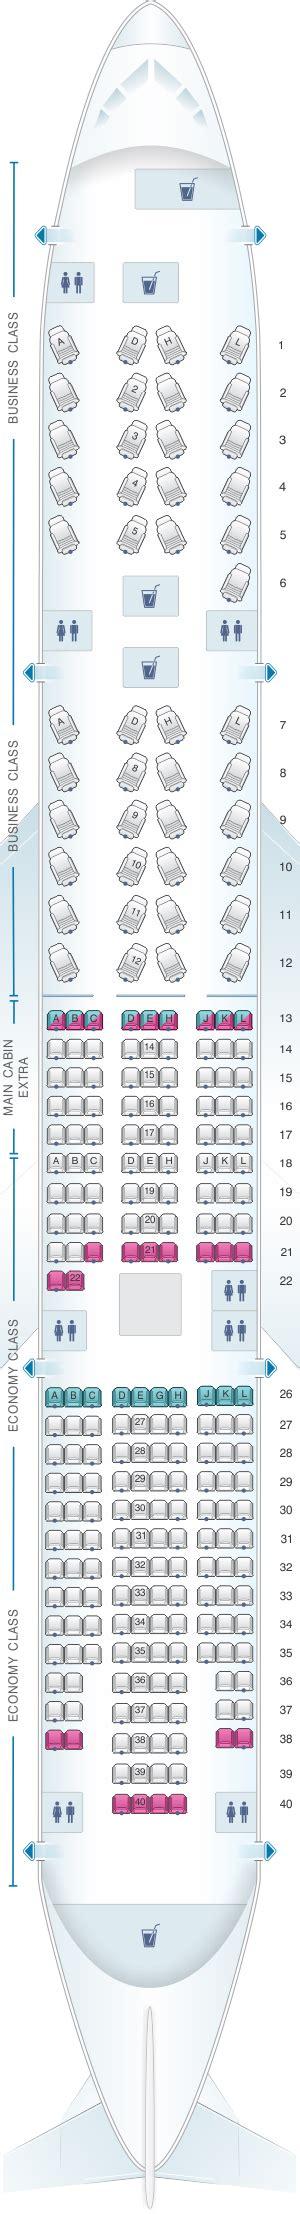 siege boeing 777 boeing 777 200 sieges 100 images seatguru seat map